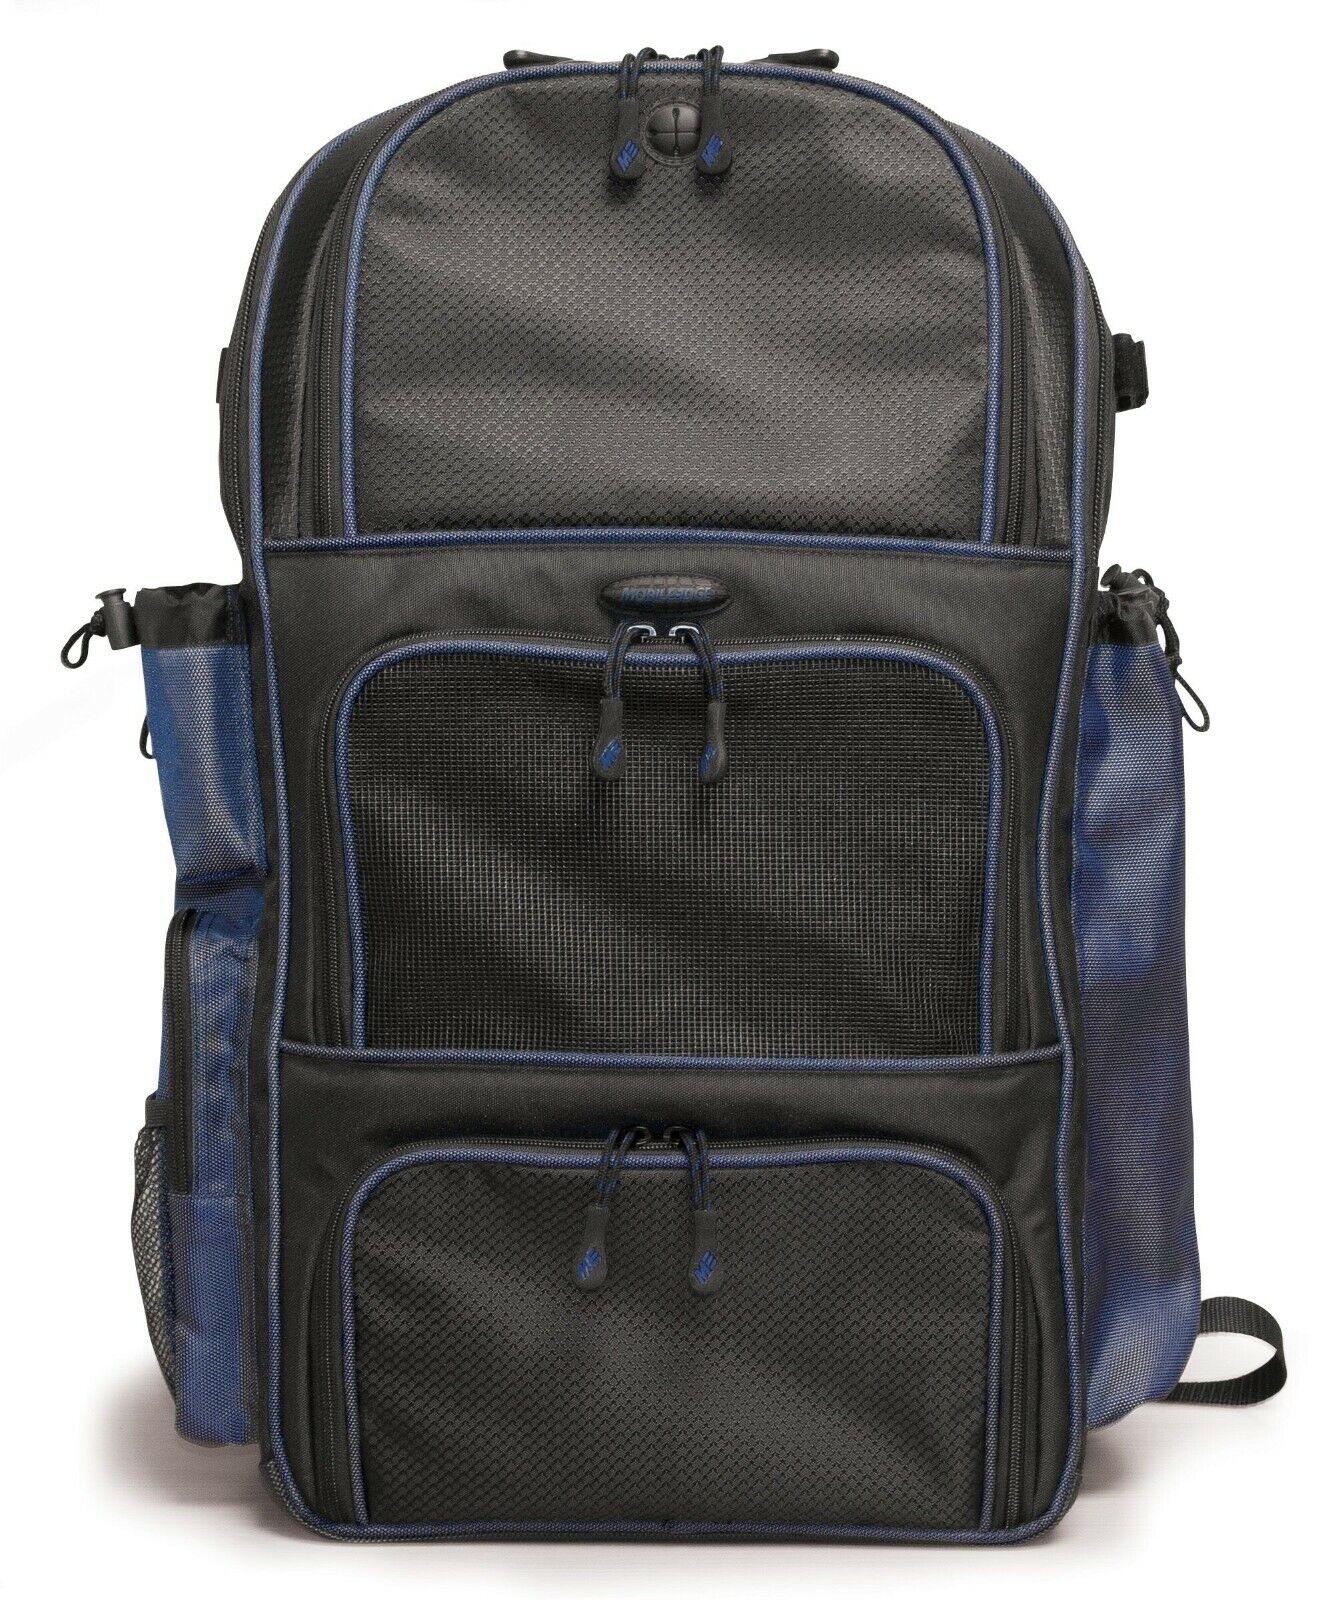 Mobile Edge Deluxe Baseball//Softball Gear Bag